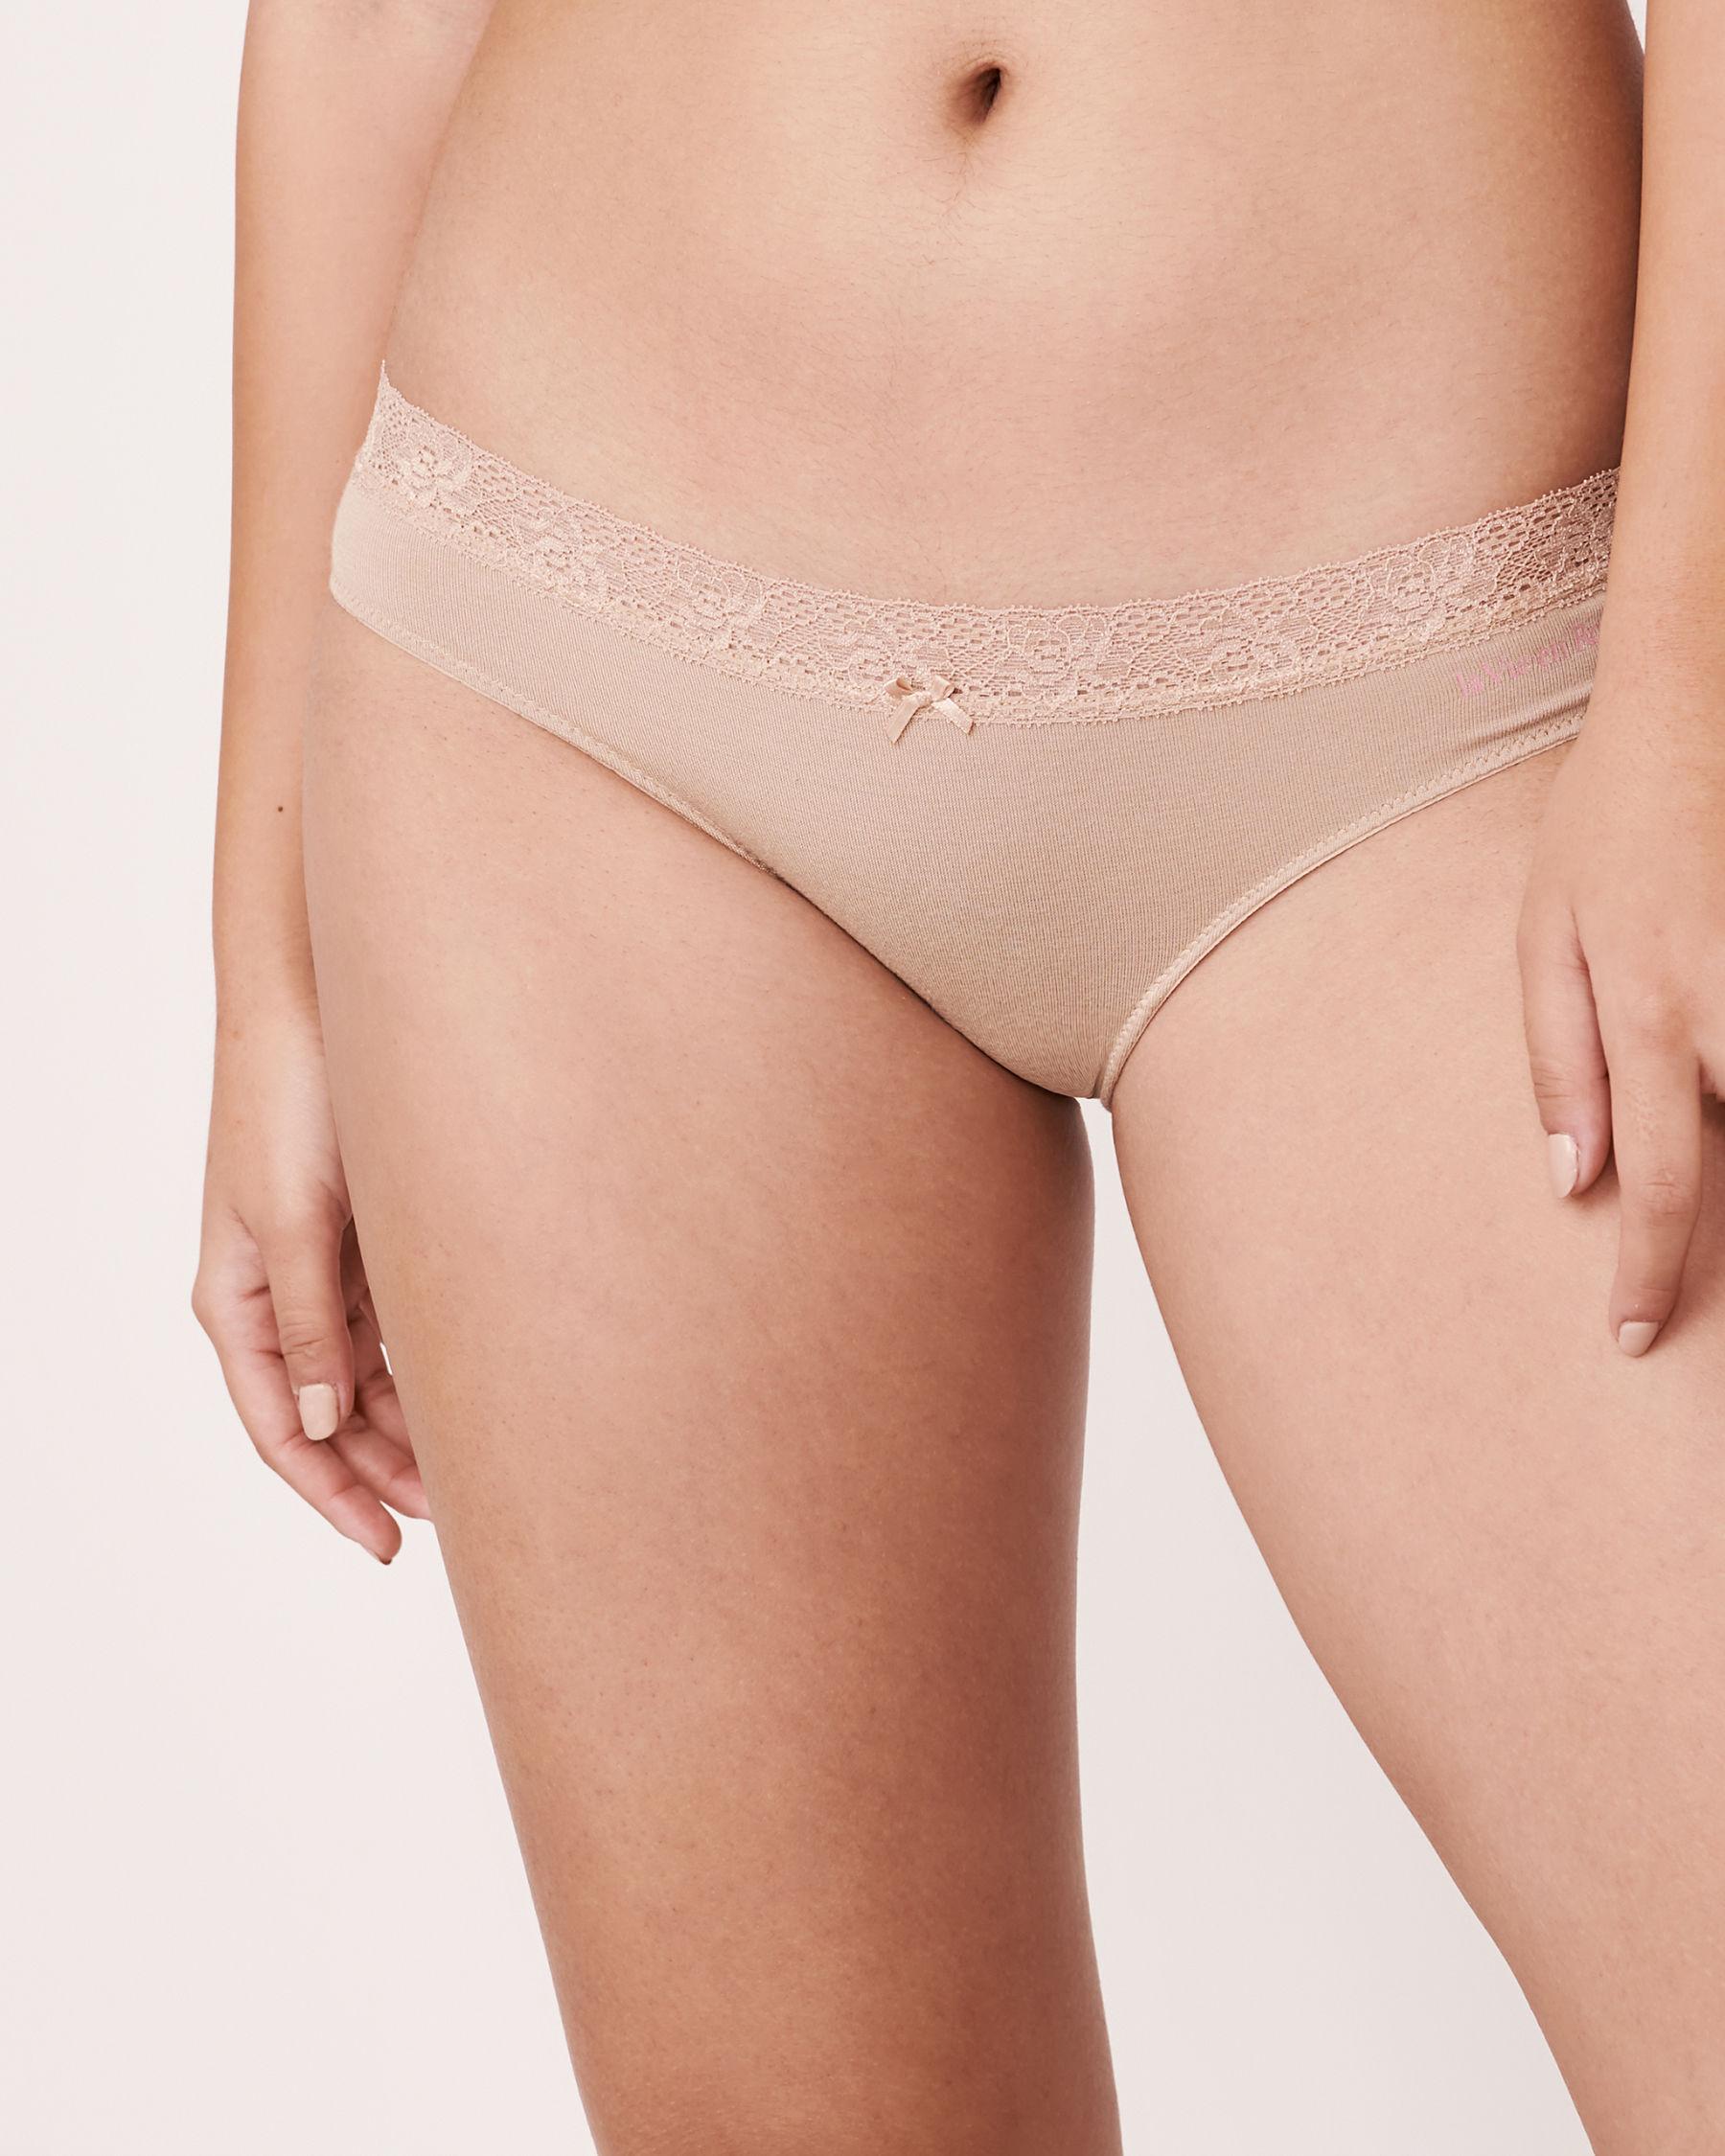 LA VIE EN ROSE Bikini Panty Neutral 845-212-0-00 - View1